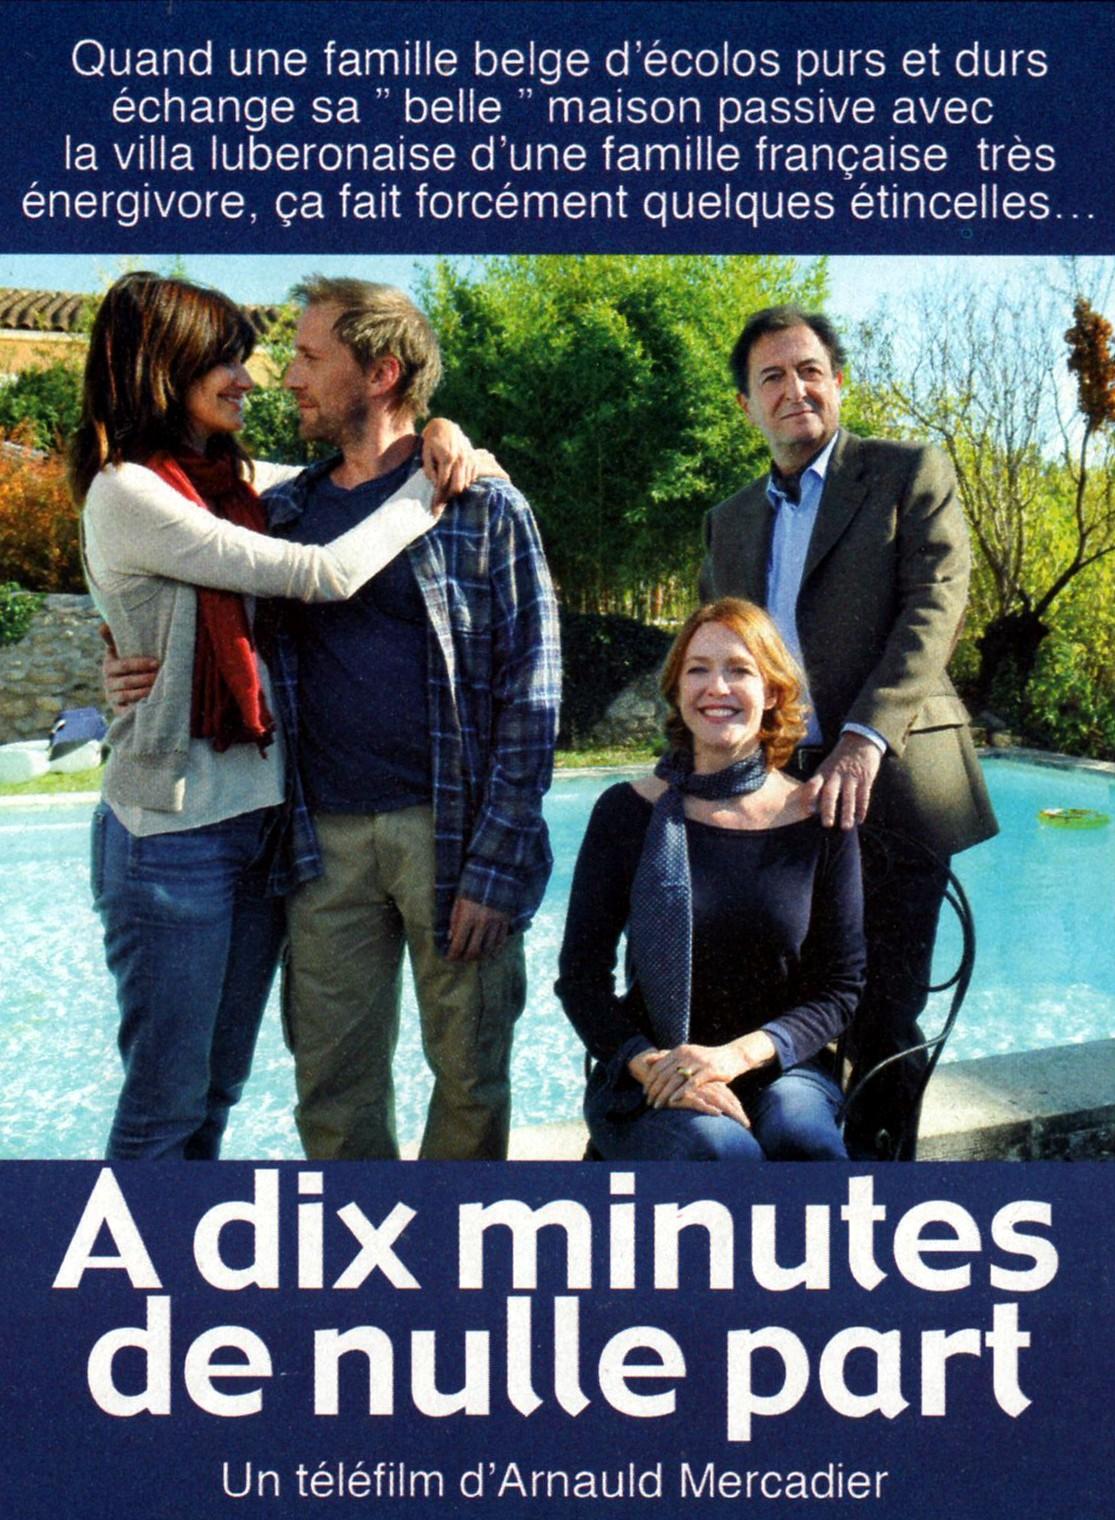 À dix minutes des naturistes TV Movie 2012  IMDb